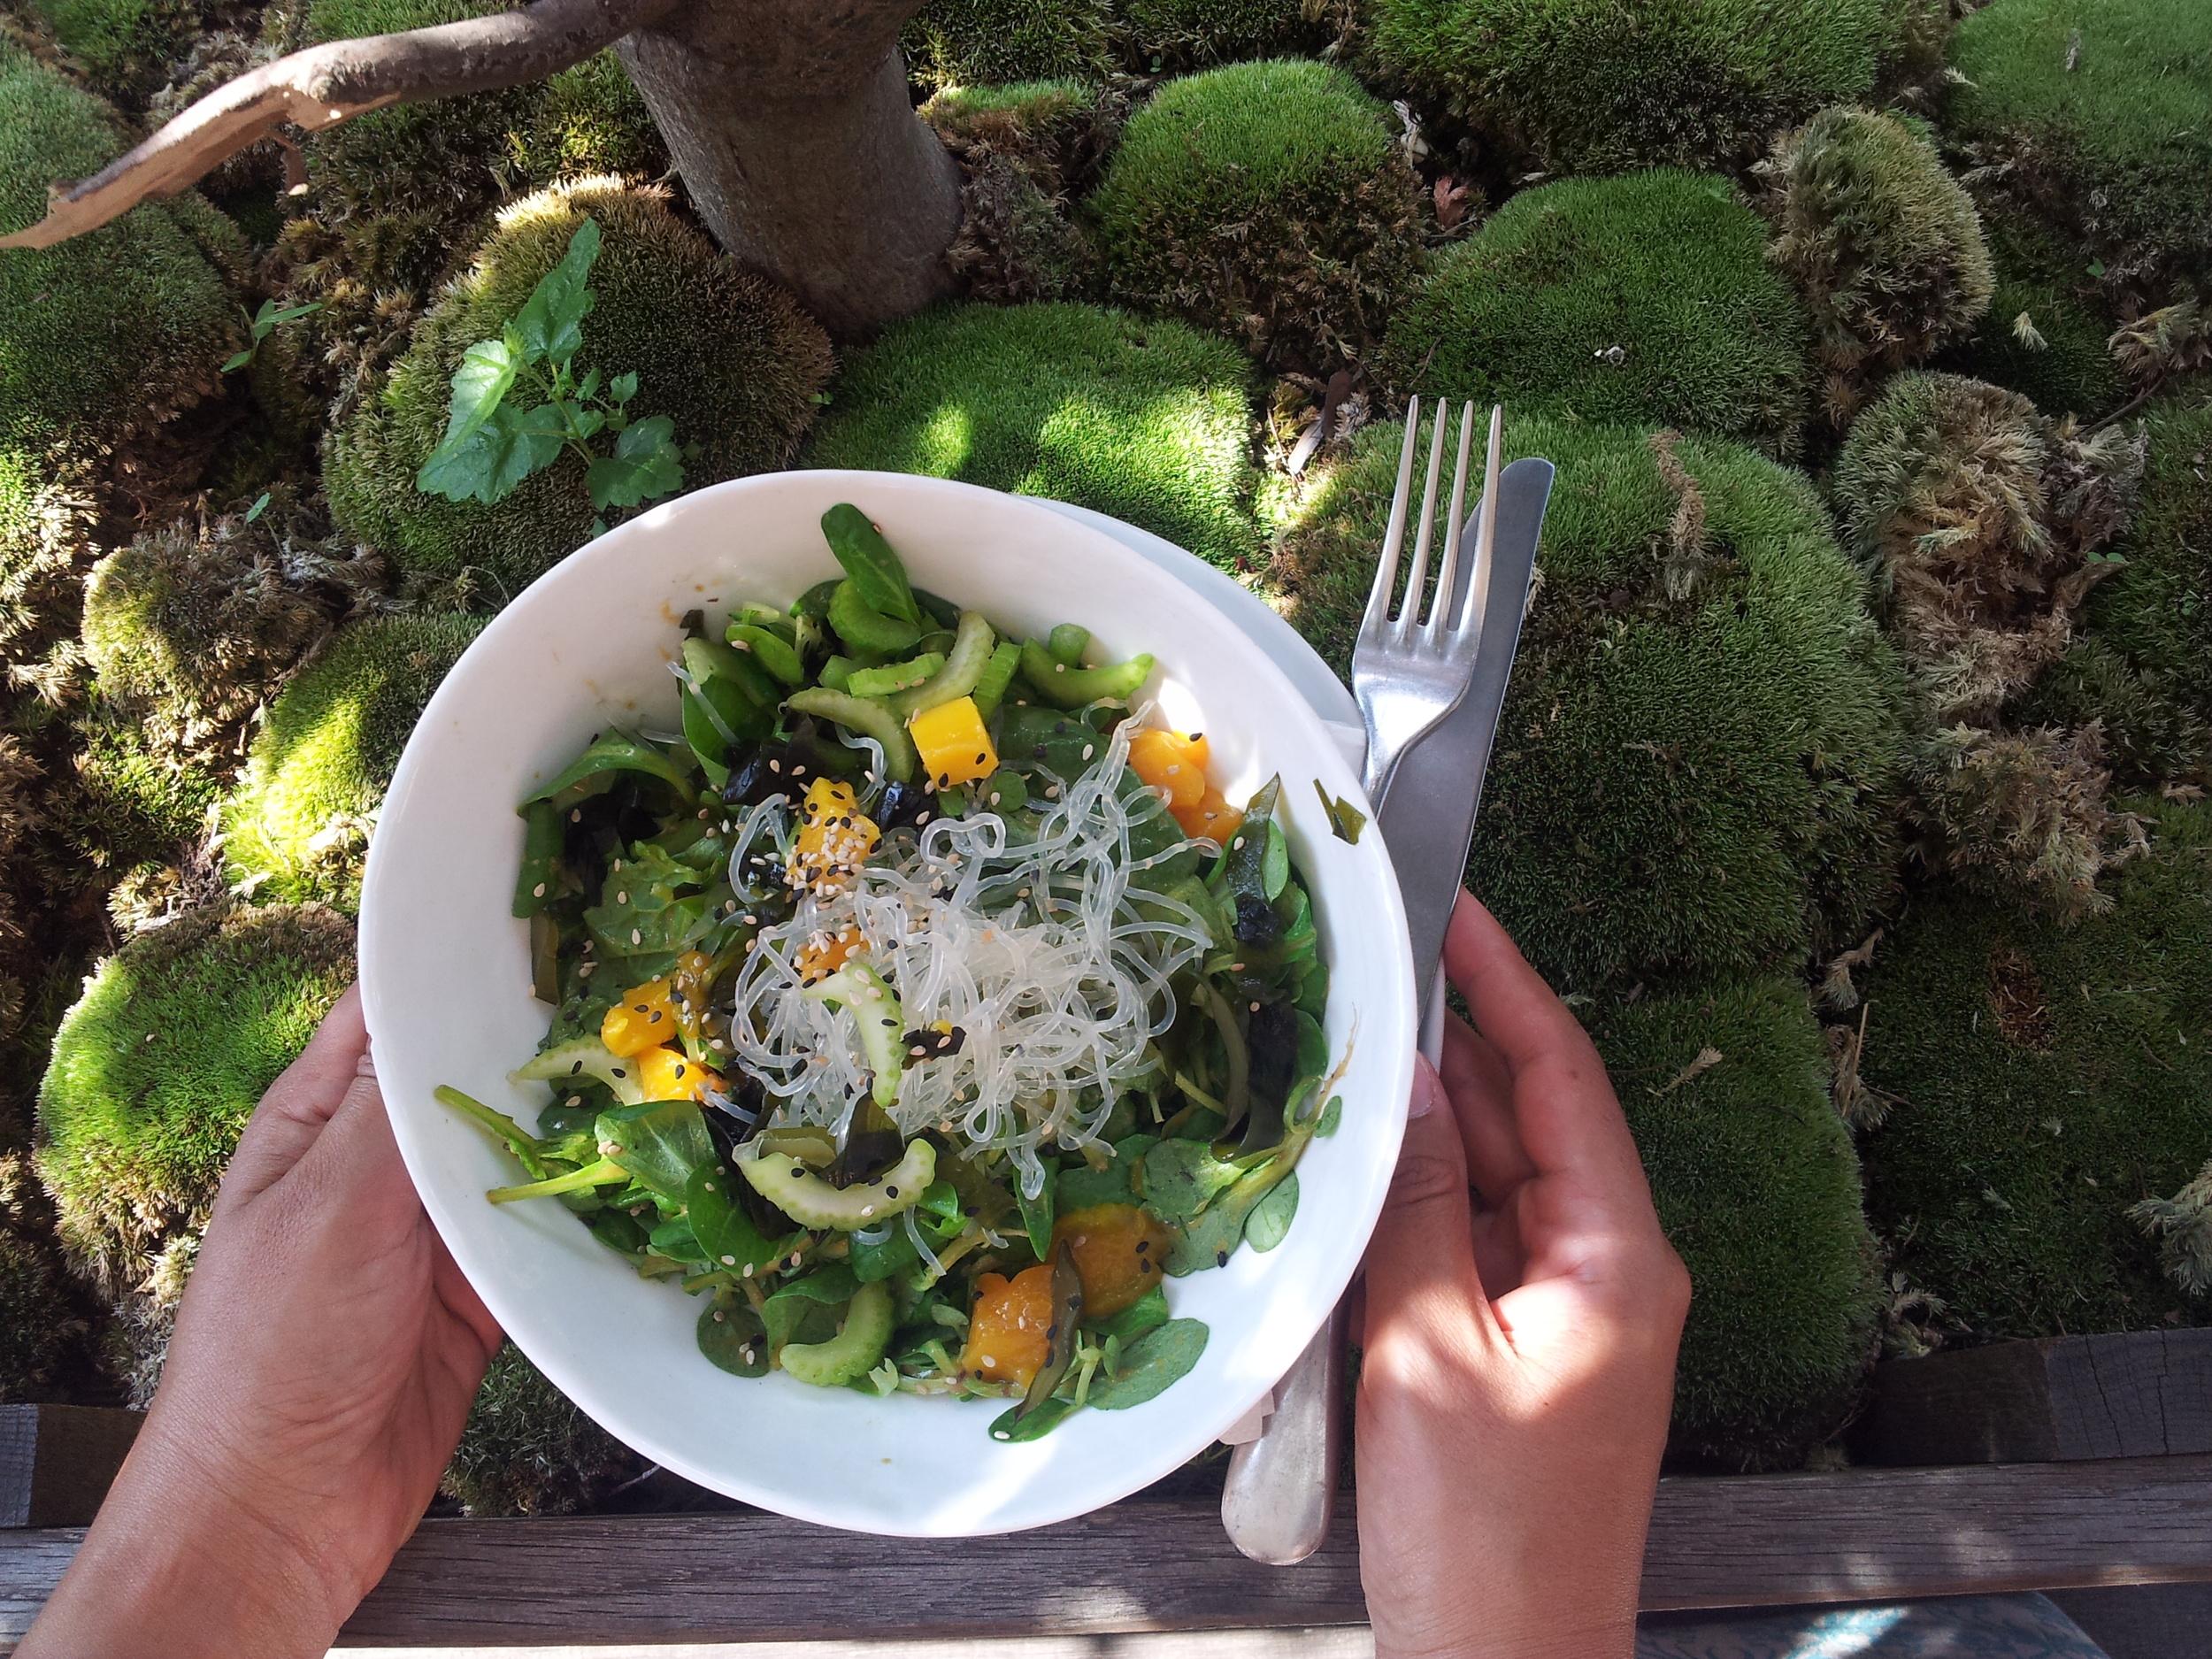 Really nice salads at Daluma's